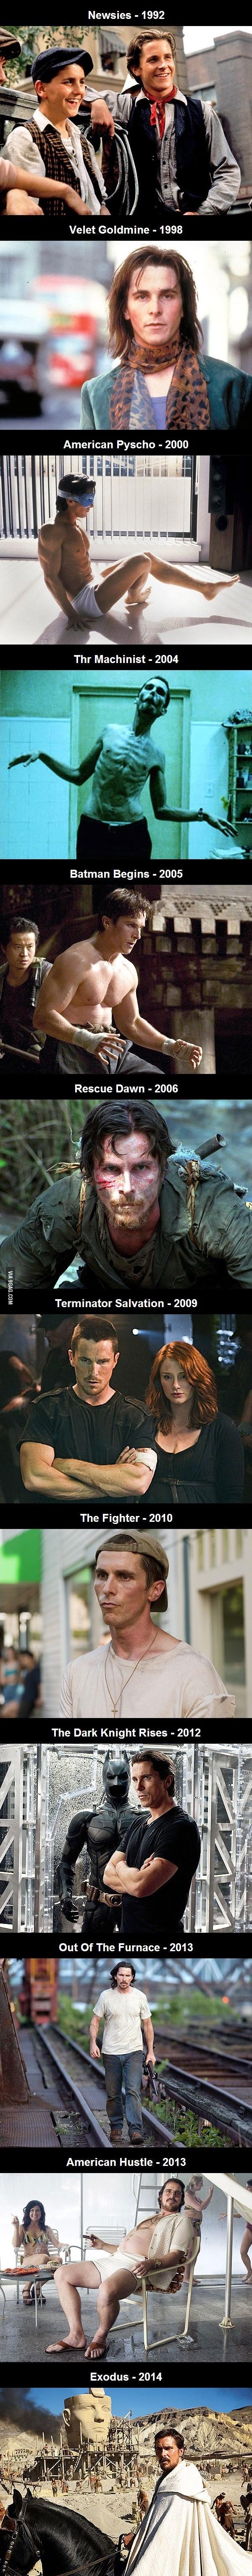 어느 배우의 20년간 신체변화